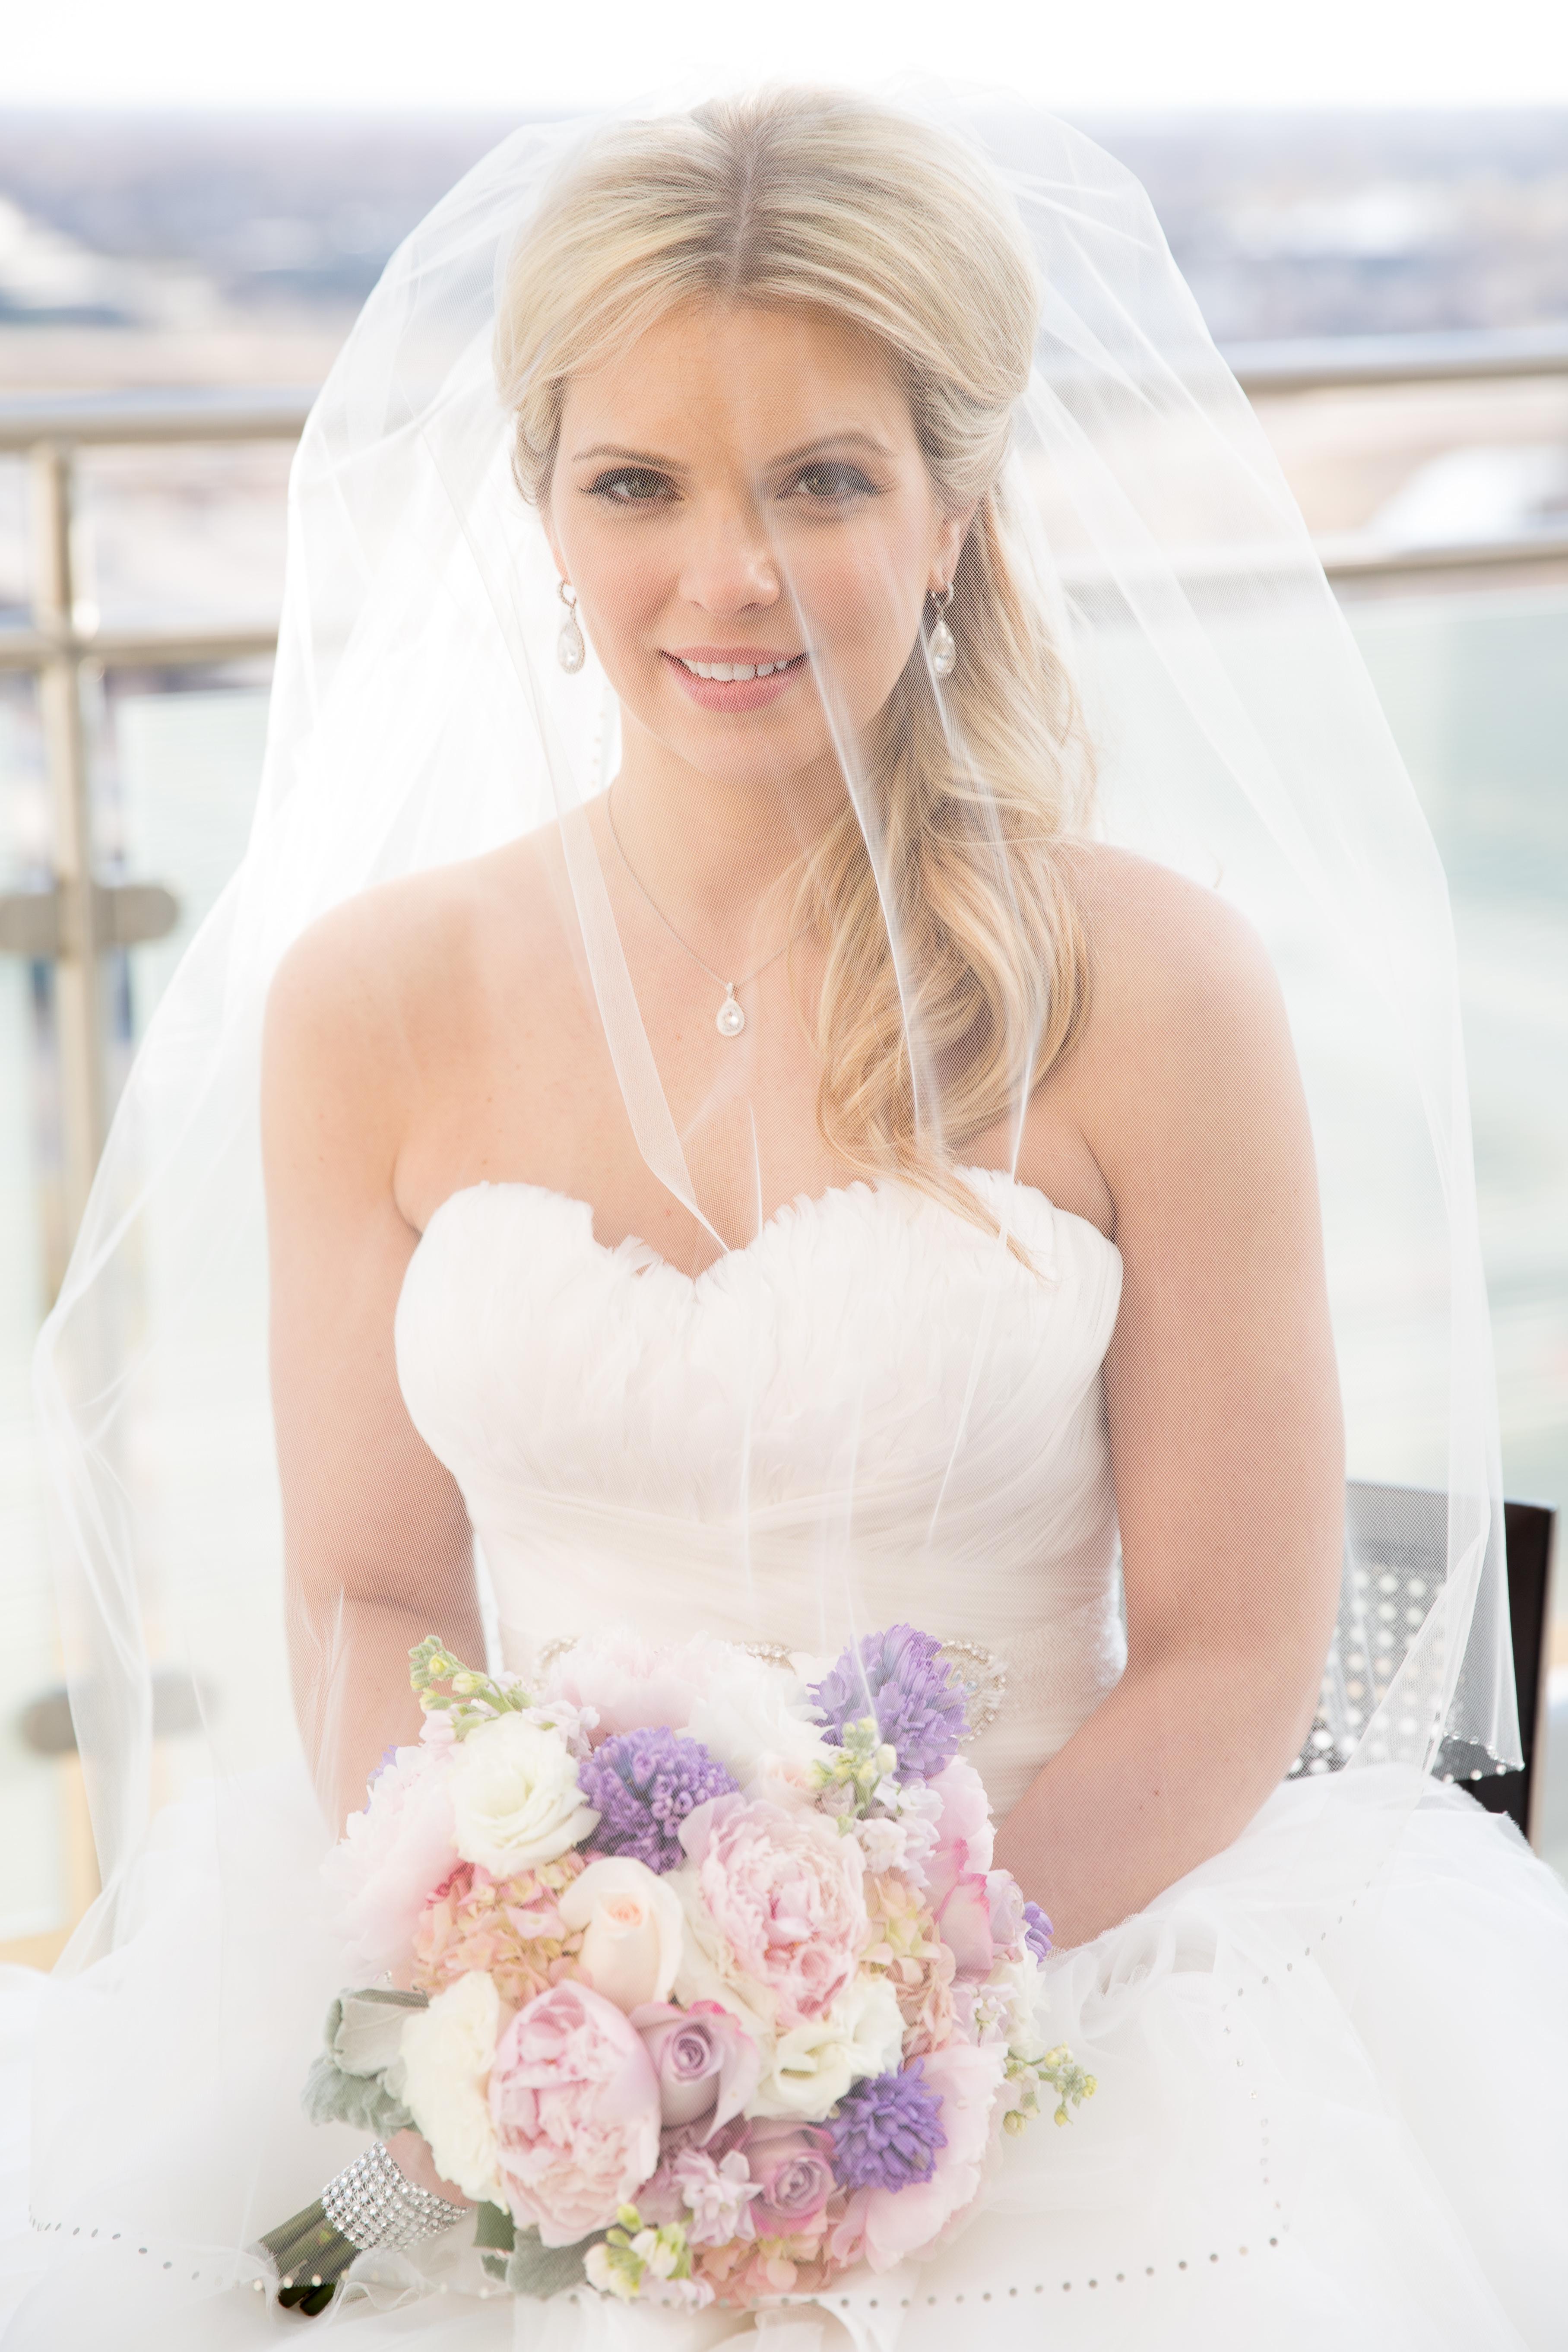 Bride Portrait Under her Veil